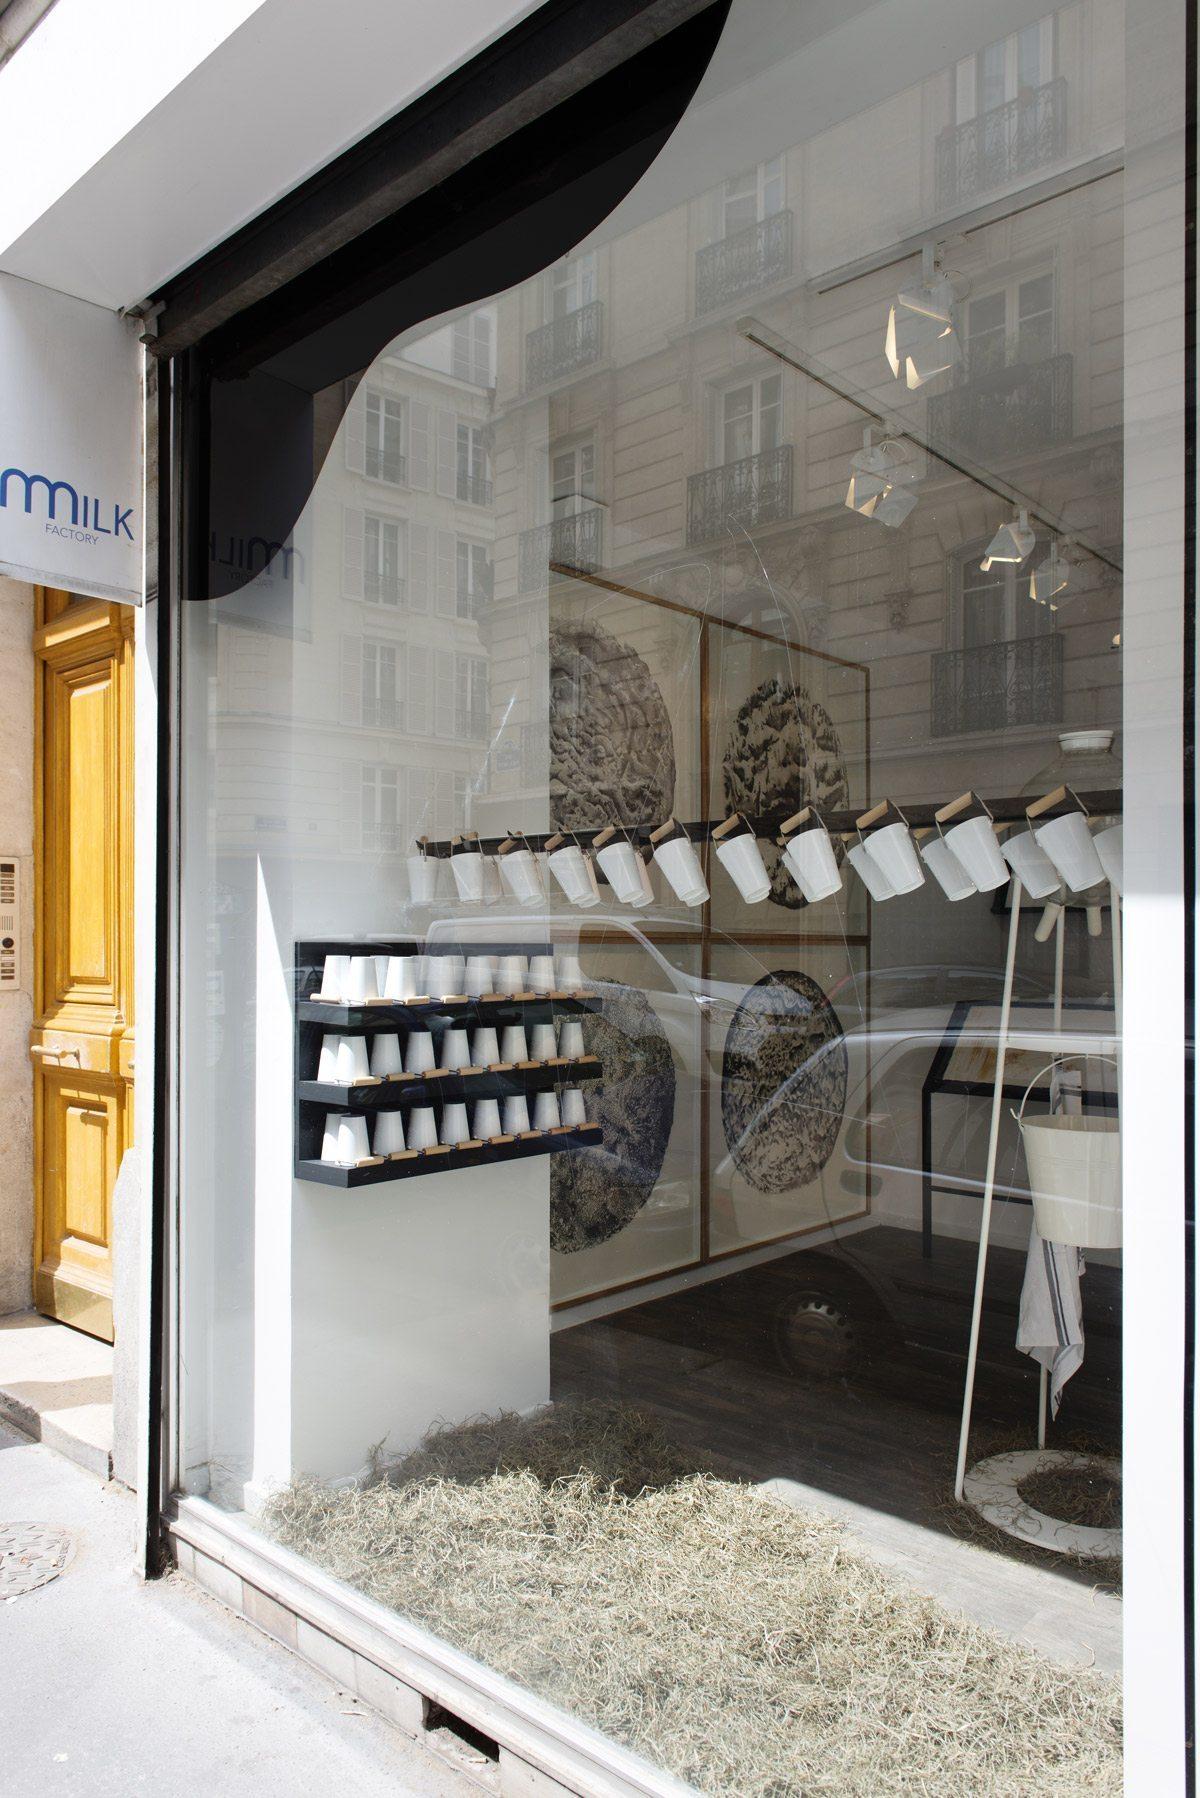 Vitrine de la galerie de la Milk Factory avec le projet des 5.5 designers.